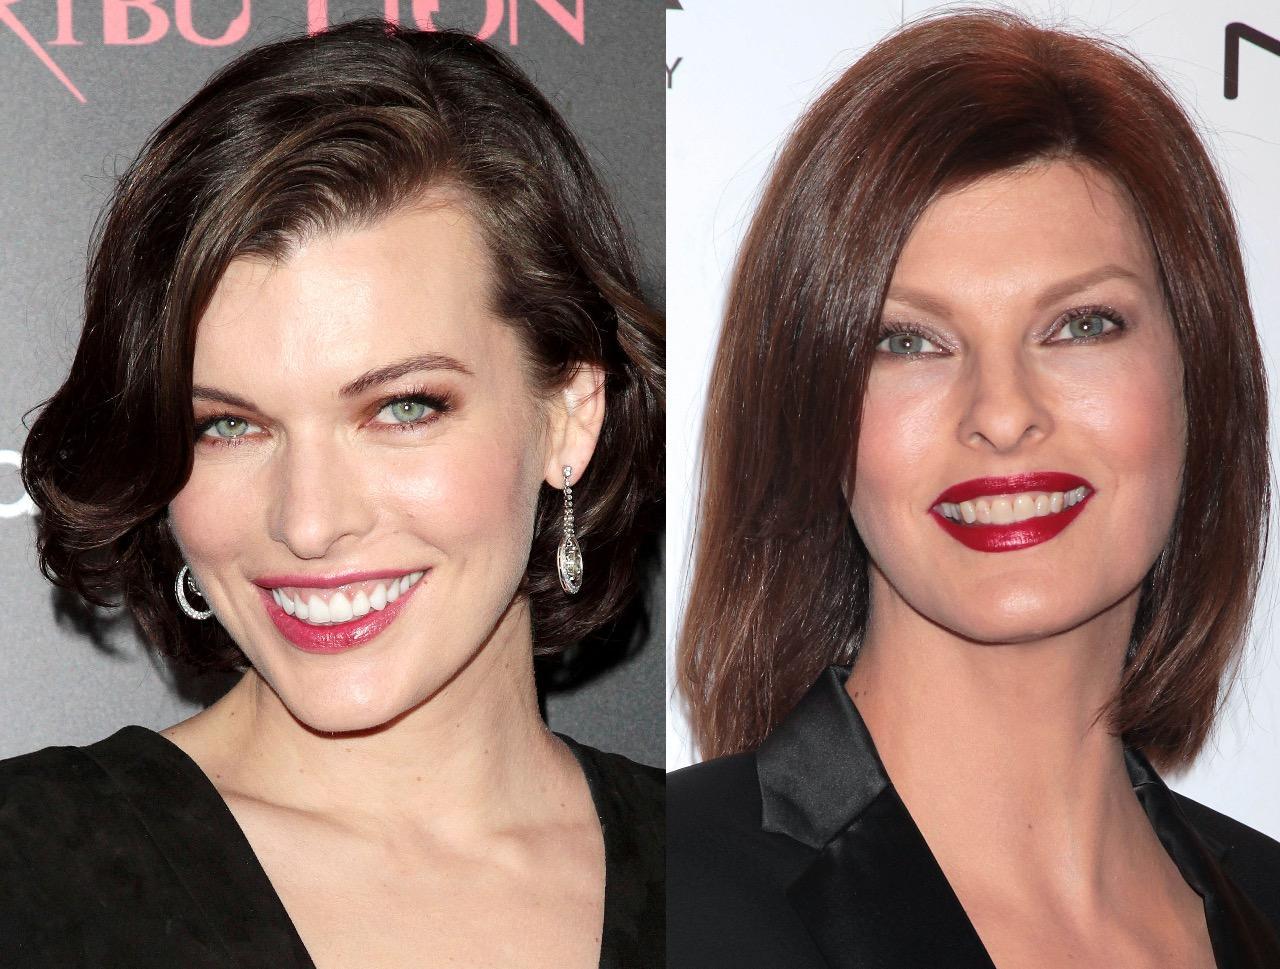 Звезды-двойники: знаменитости, которые невероятно похожи друг на друга - фото 3